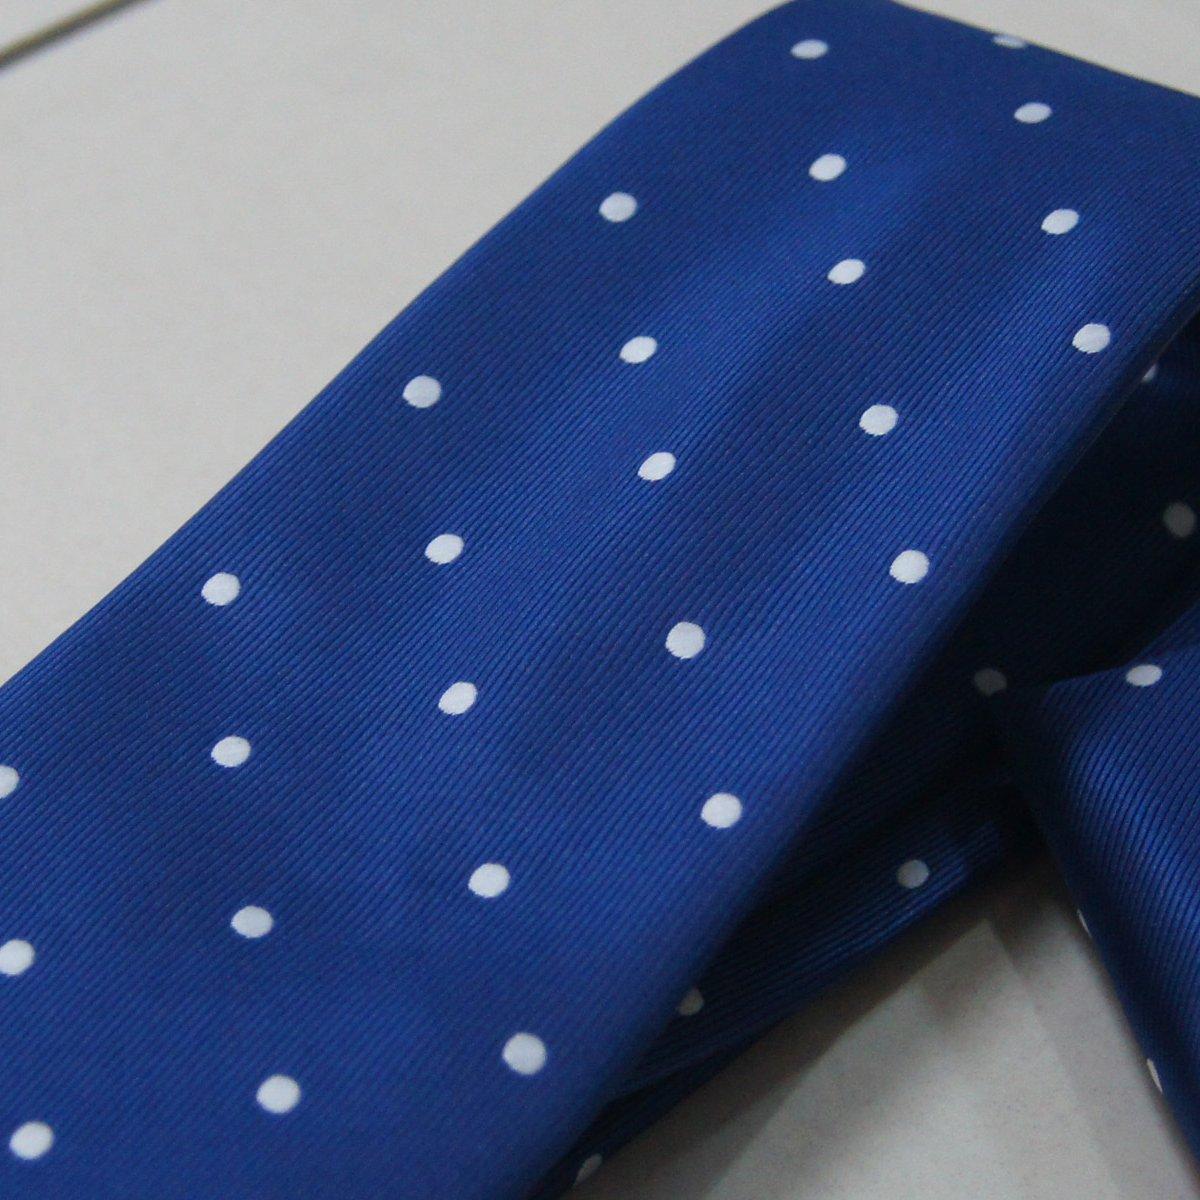 kravata #174 - muske kravate cene, kravata za vencanje, svadbu, svadba, mladozenja, mladozenje